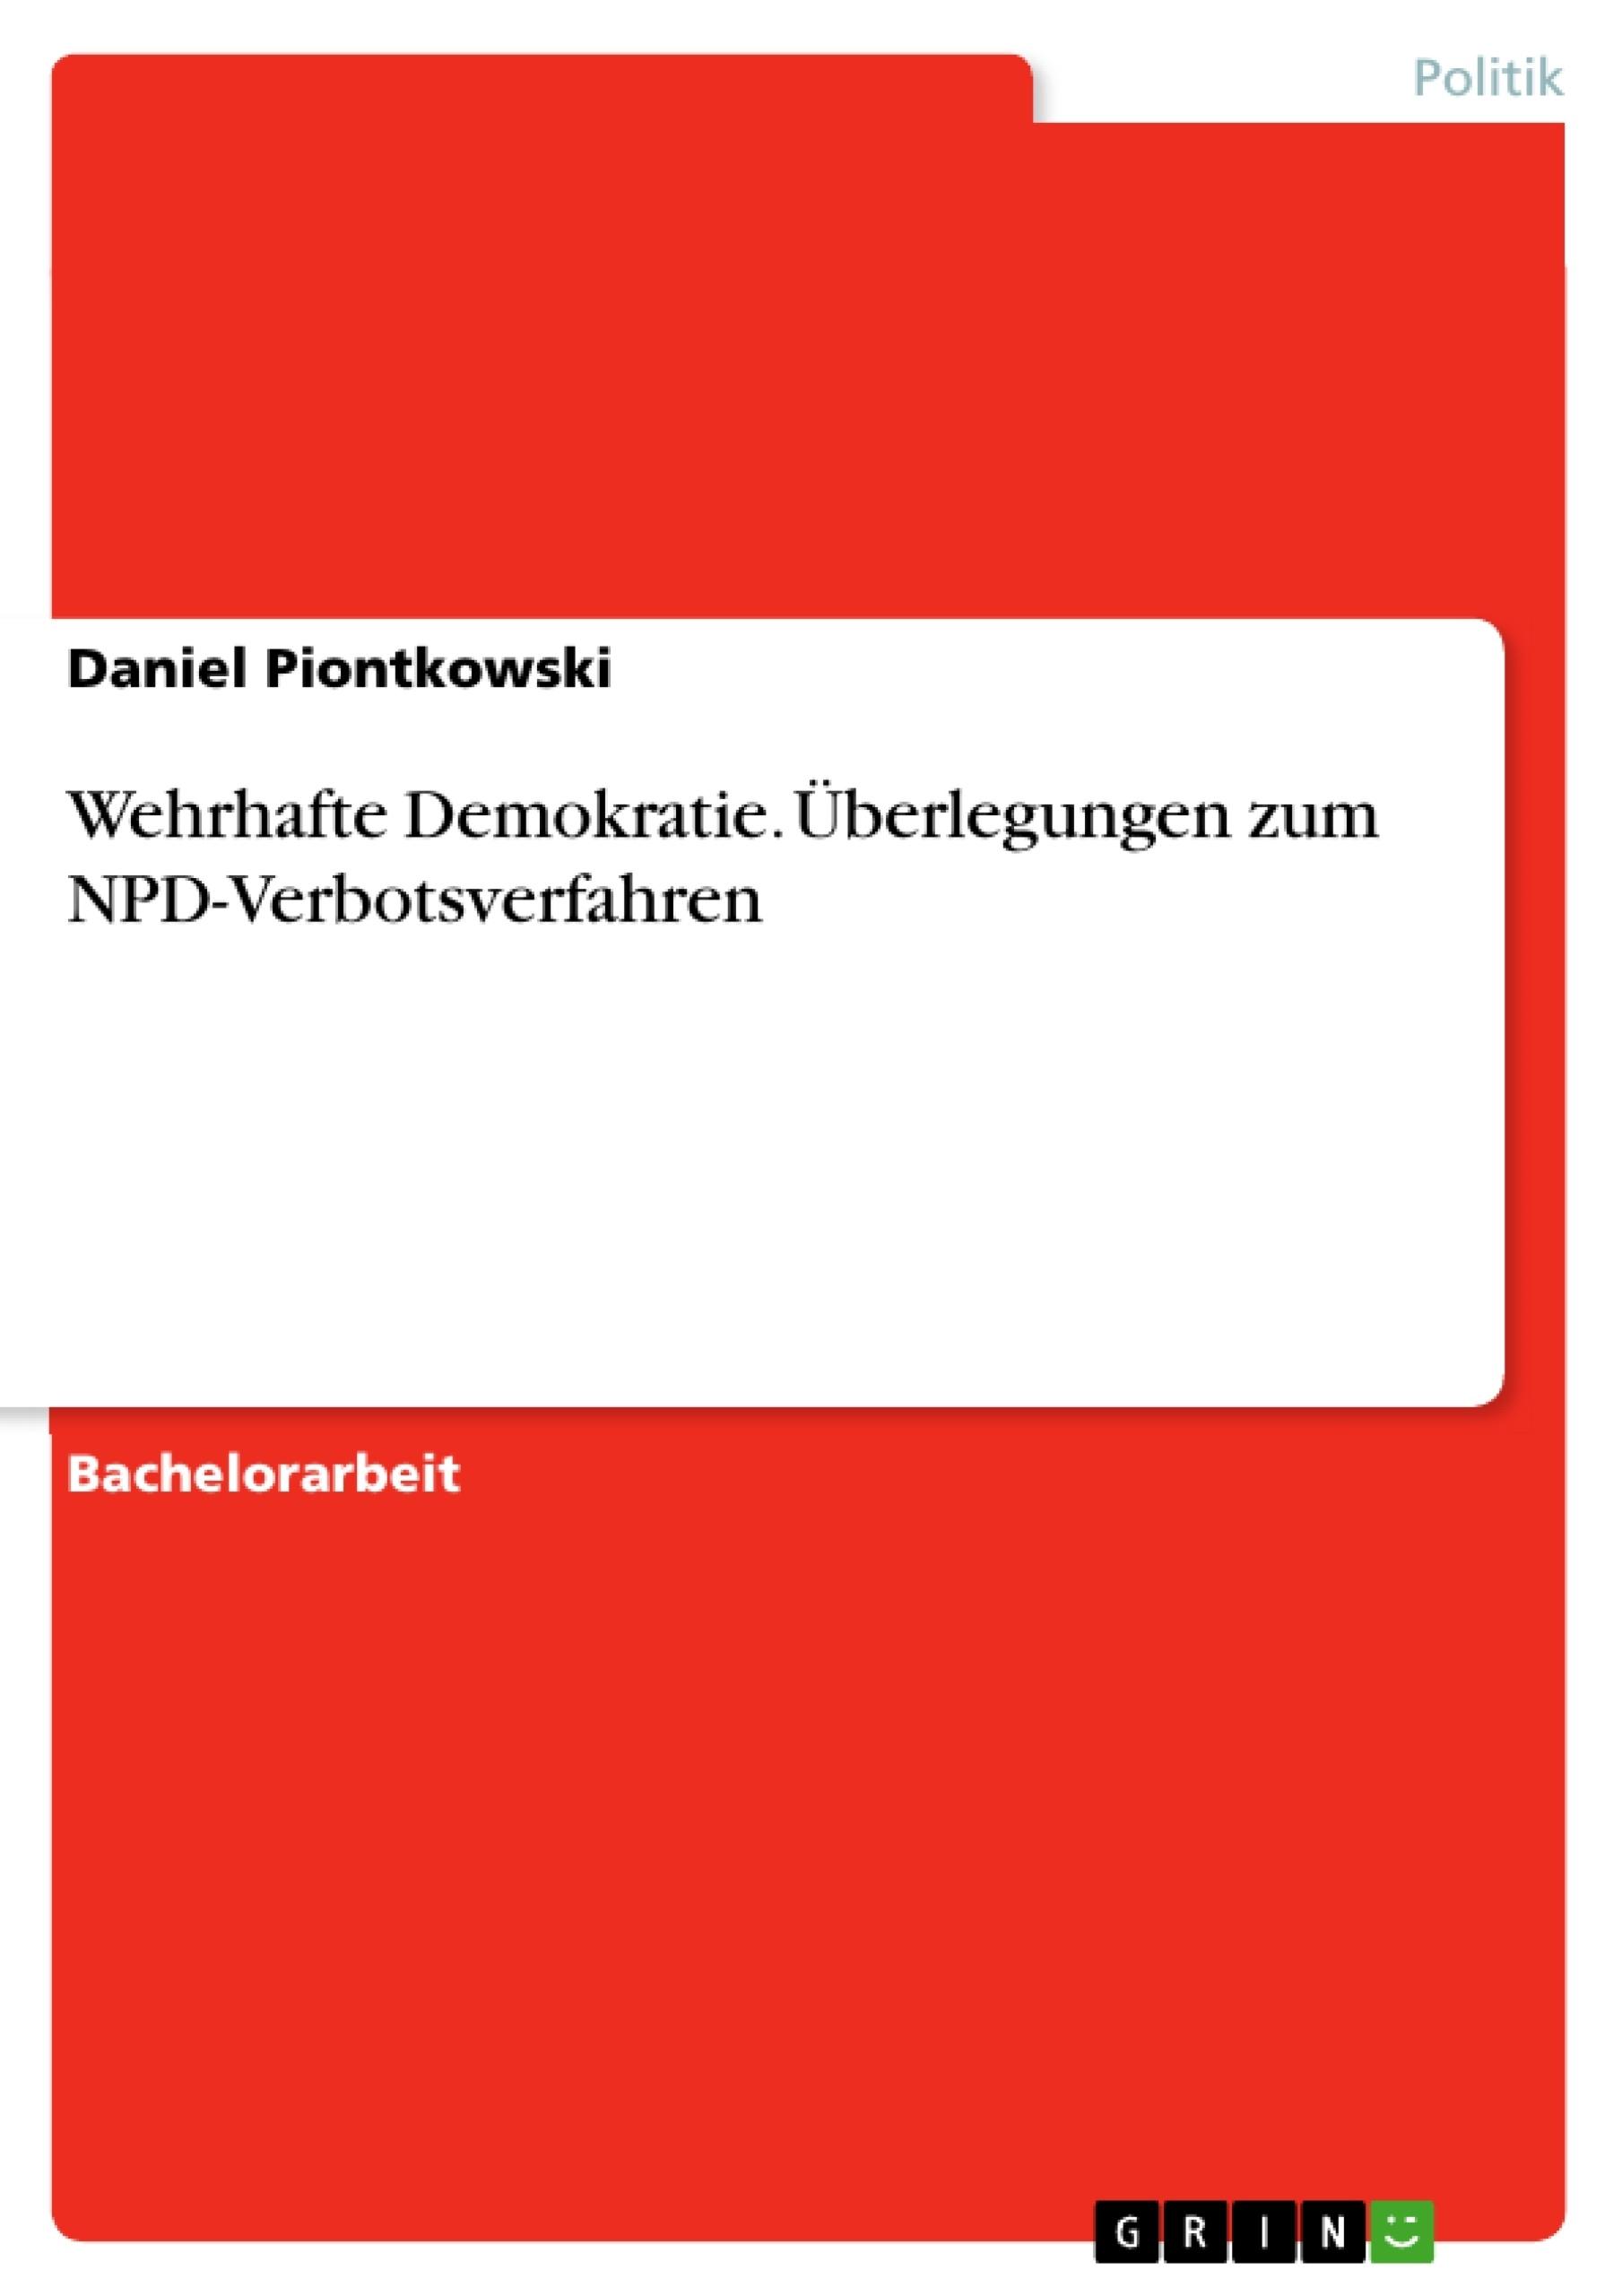 Titel: Wehrhafte Demokratie. Überlegungen zum NPD-Verbotsverfahren